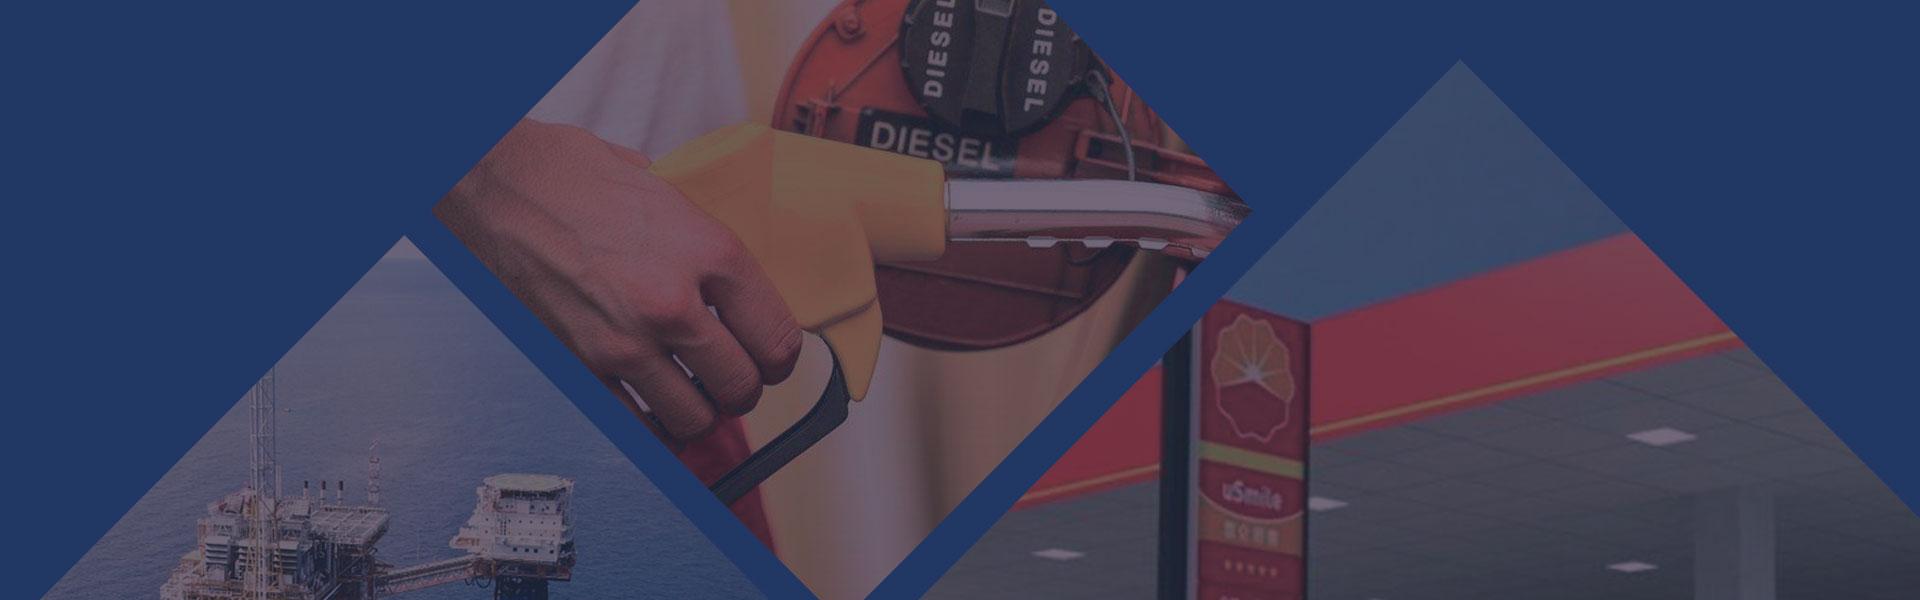 2020中国民营加油站行业品牌峰会暨智慧创新服务商展览会  千人峰会 · 十大创新 · 拥抱未来  8月14日-15日 中国·南京